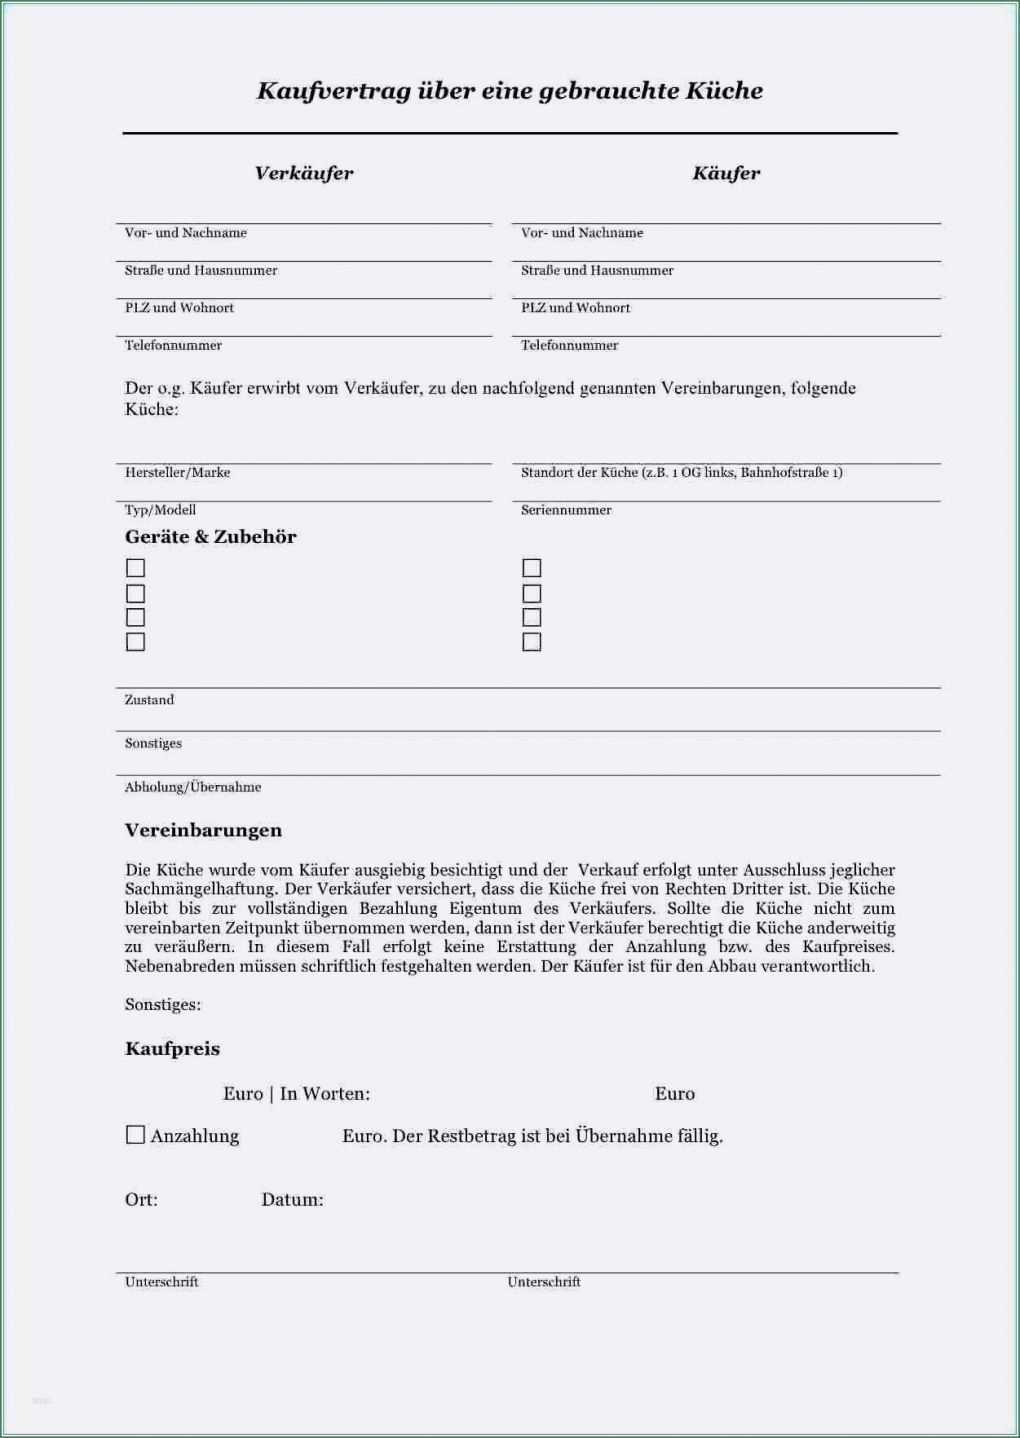 Vorlage Kaufvertrag Kuche Nachmieter Kaufvertrag Kuche Vorlage Word Kaufvertrag Auto Privat